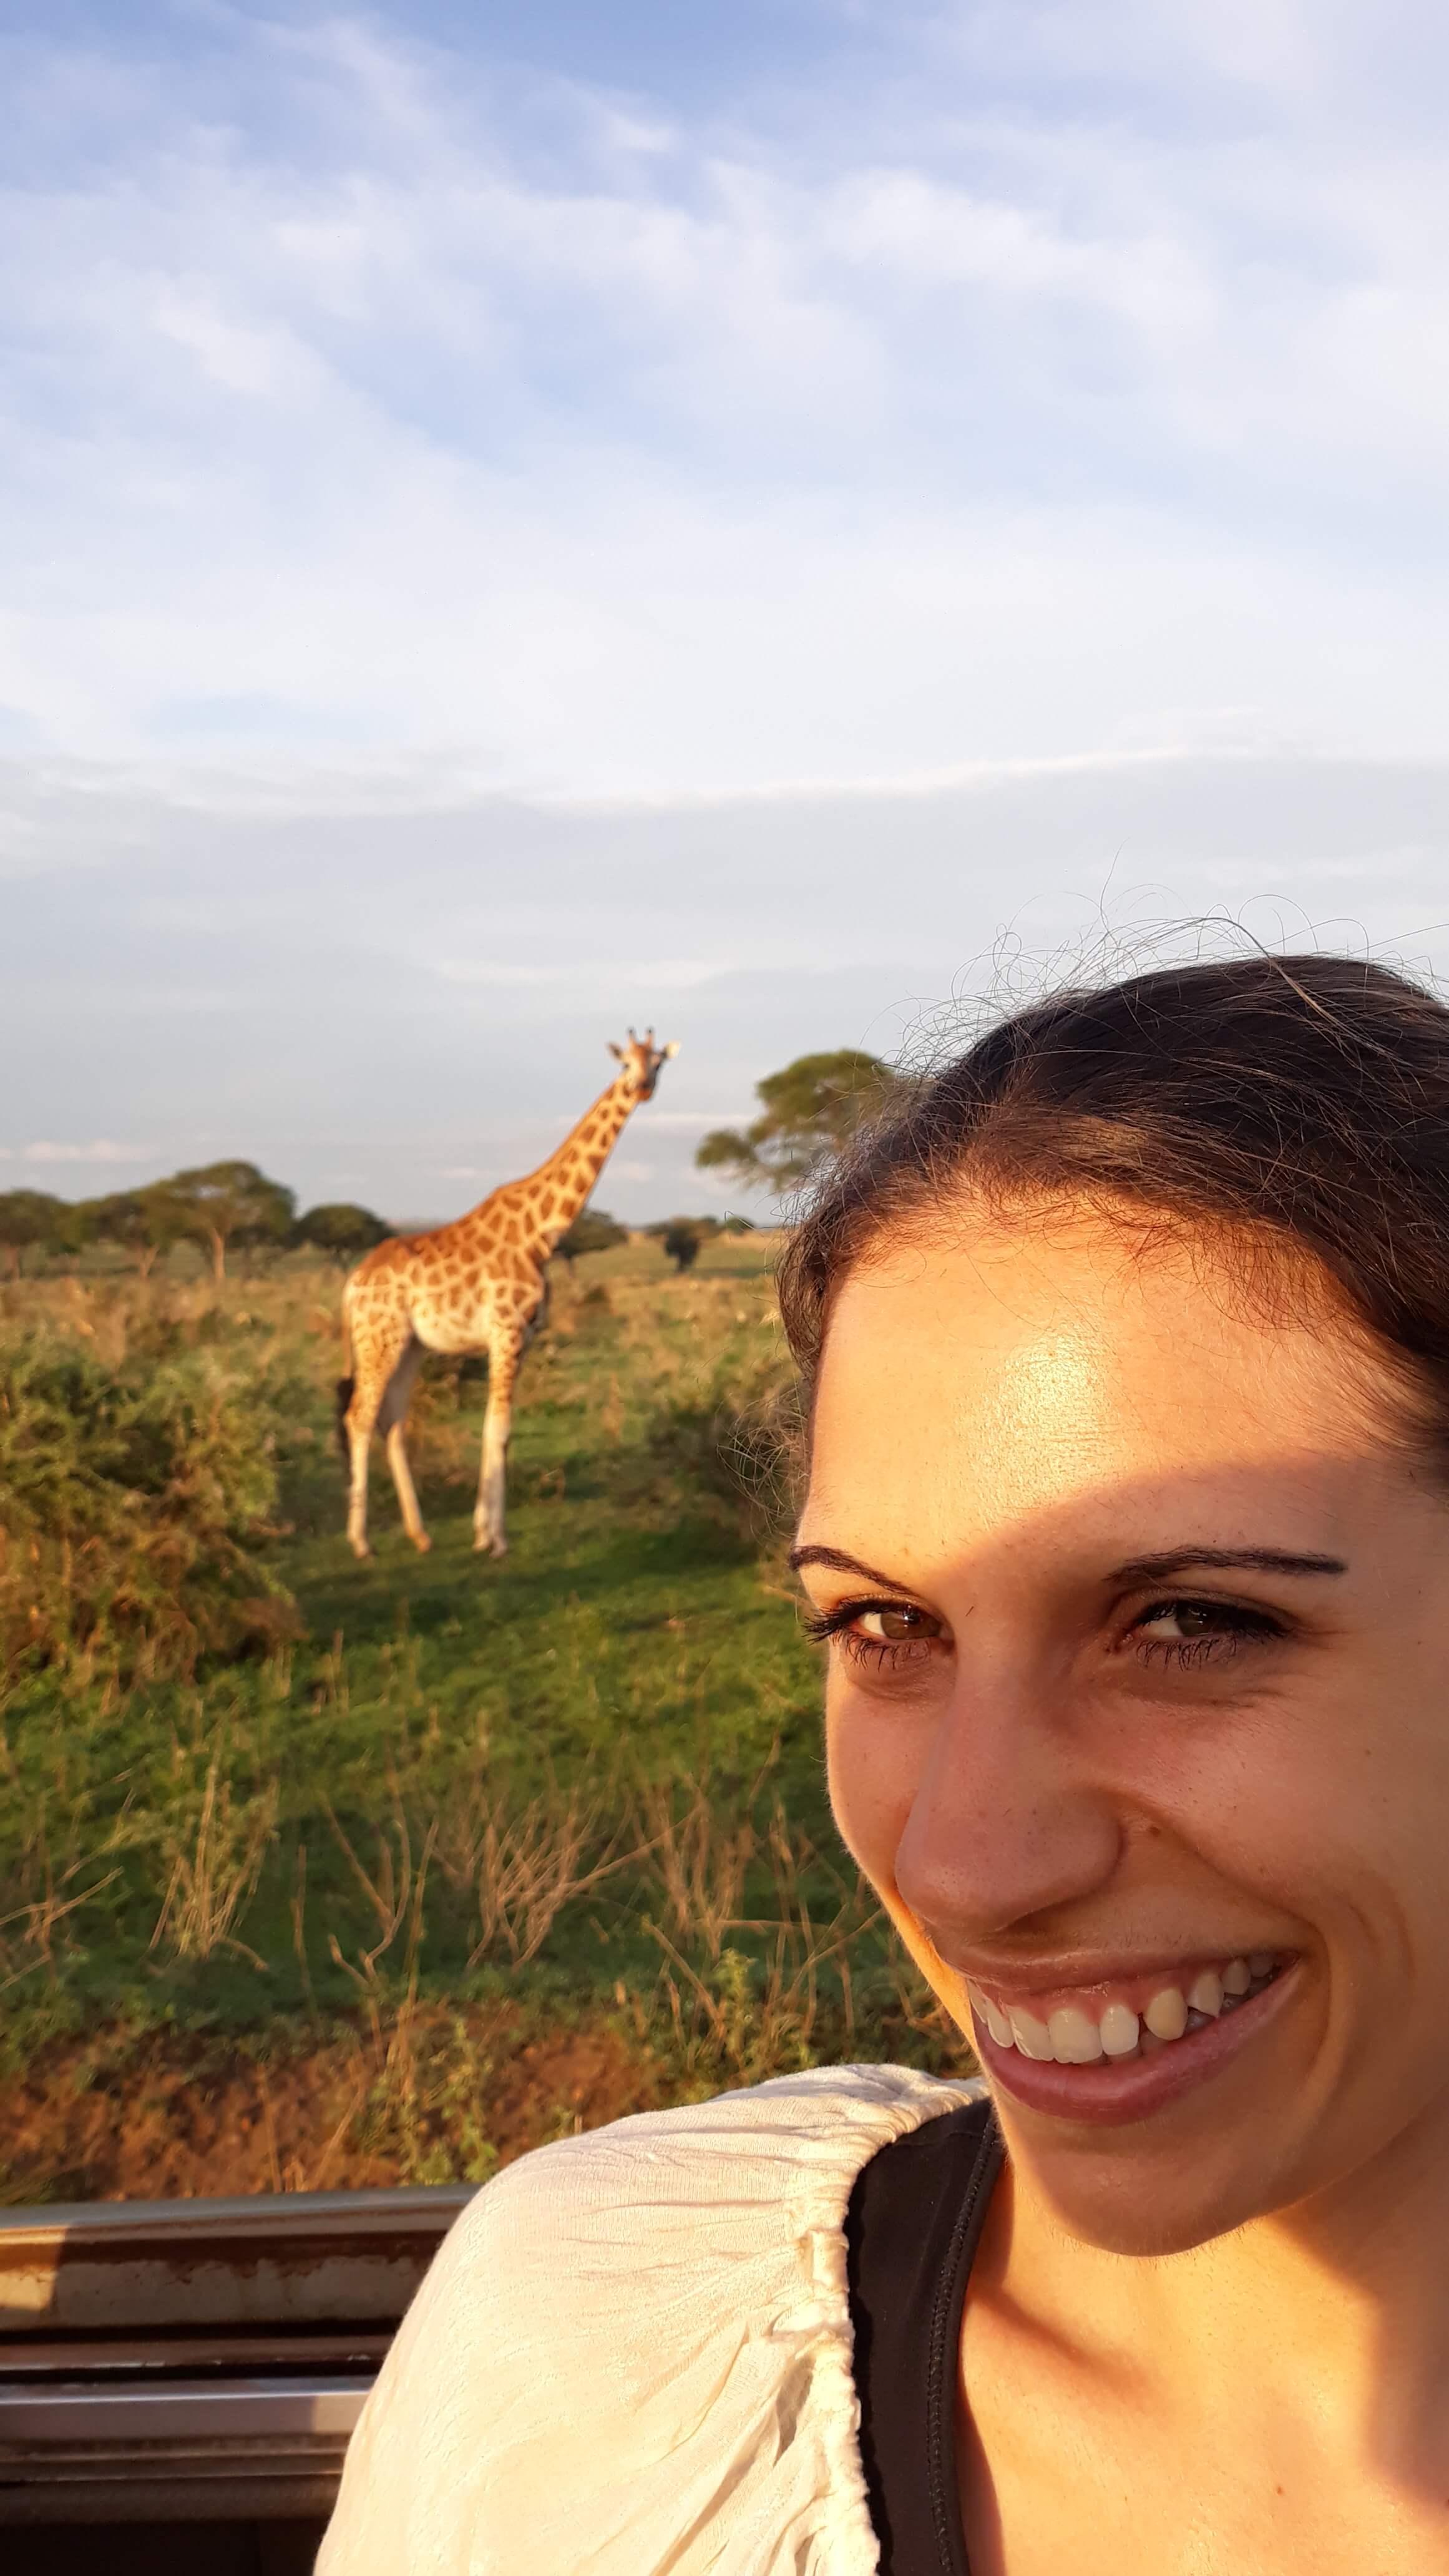 Reisende mit Giraffe im Hintergrund